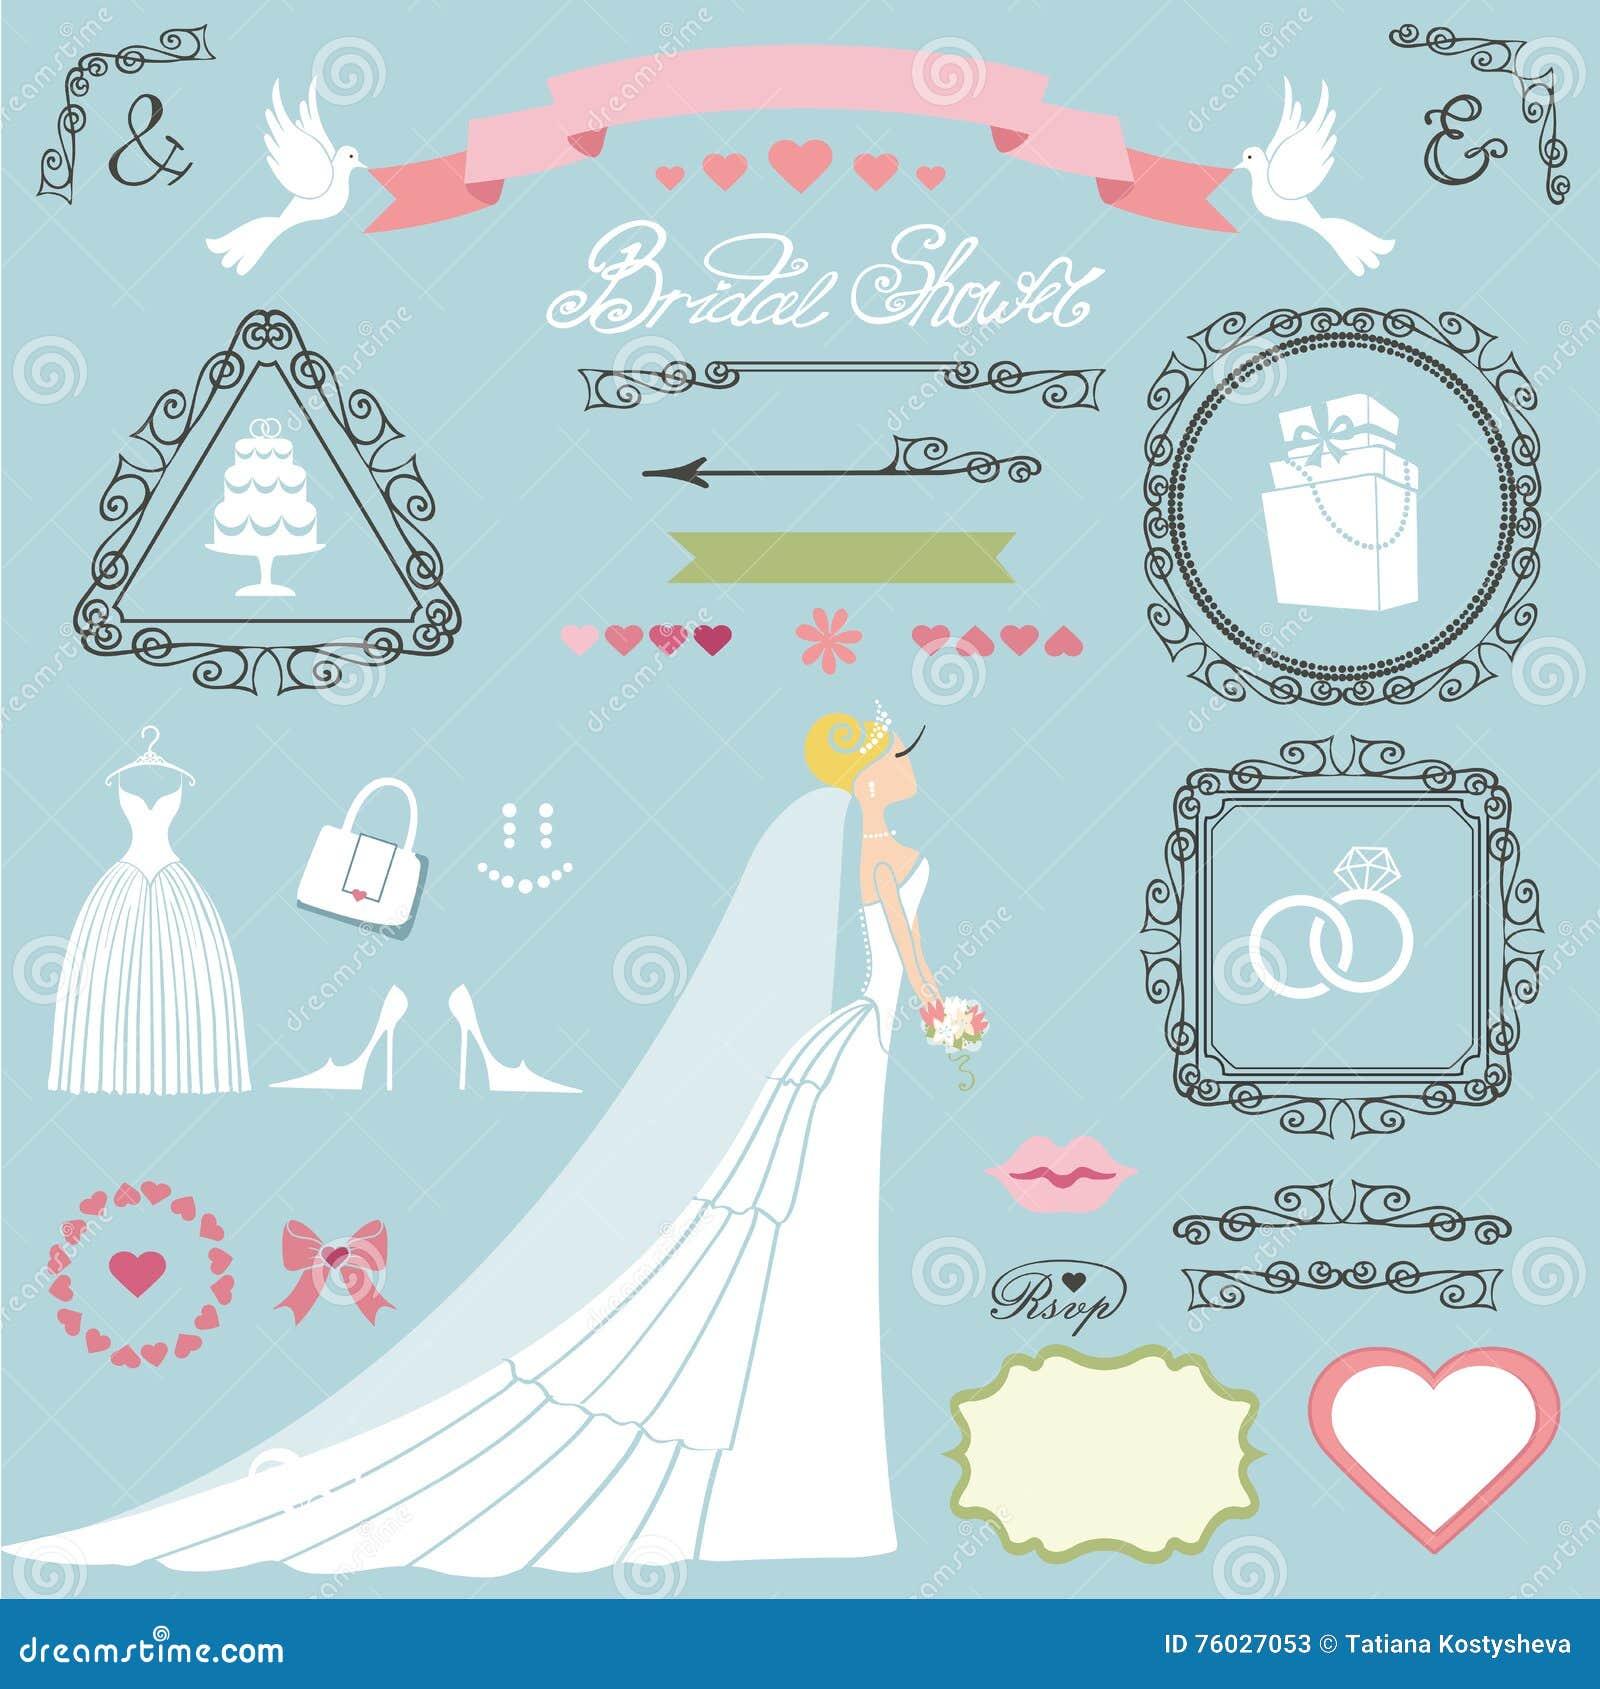 wedding bridal shower decor setbrideswirlsiconsribbons